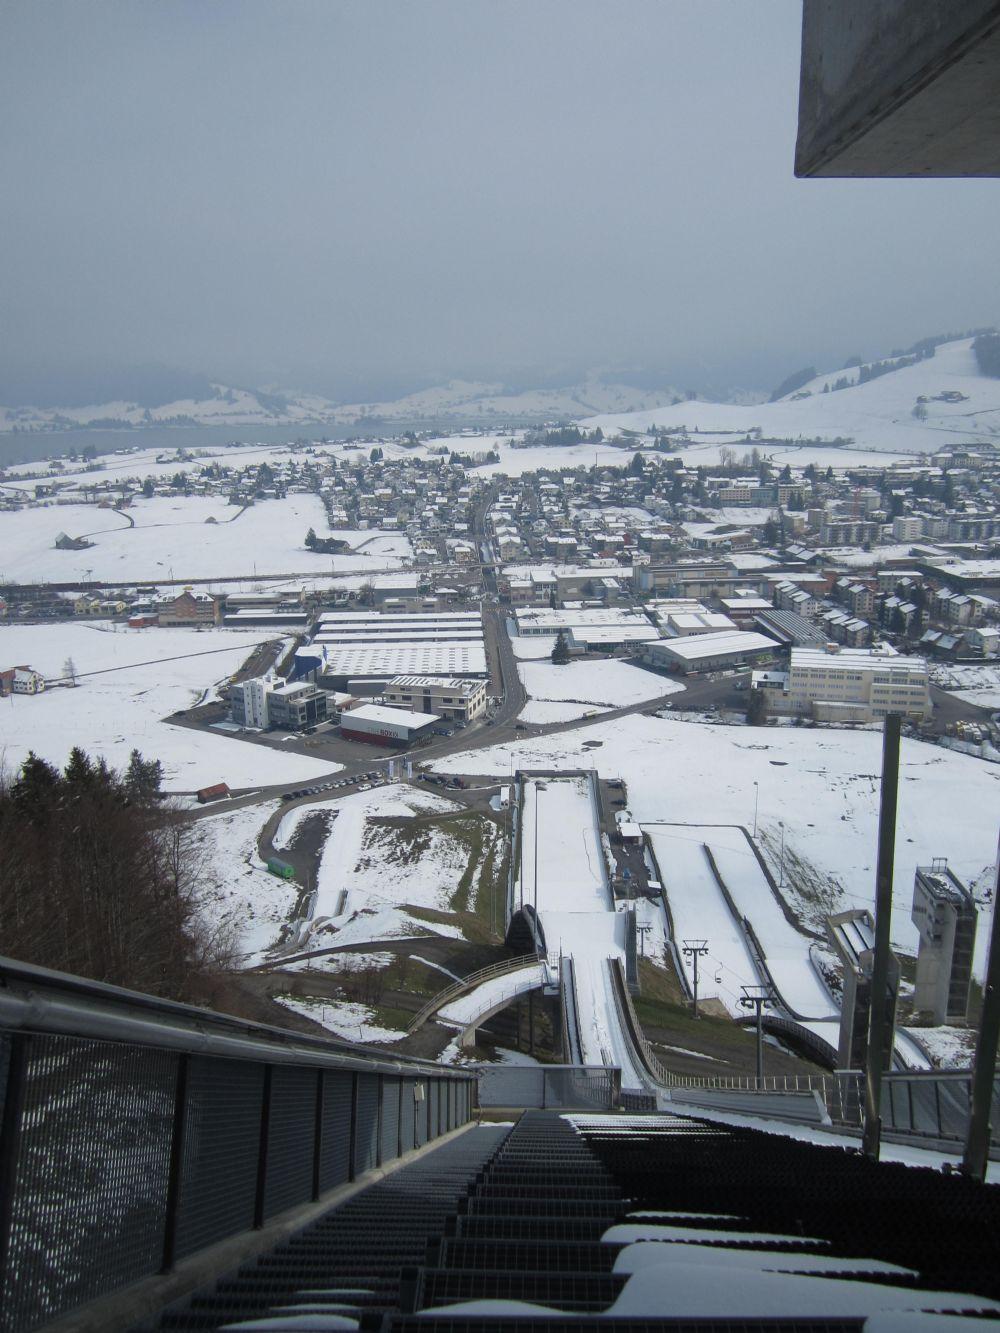 Besuch der Schanze in Einsiedeln: vom 26. März 2014